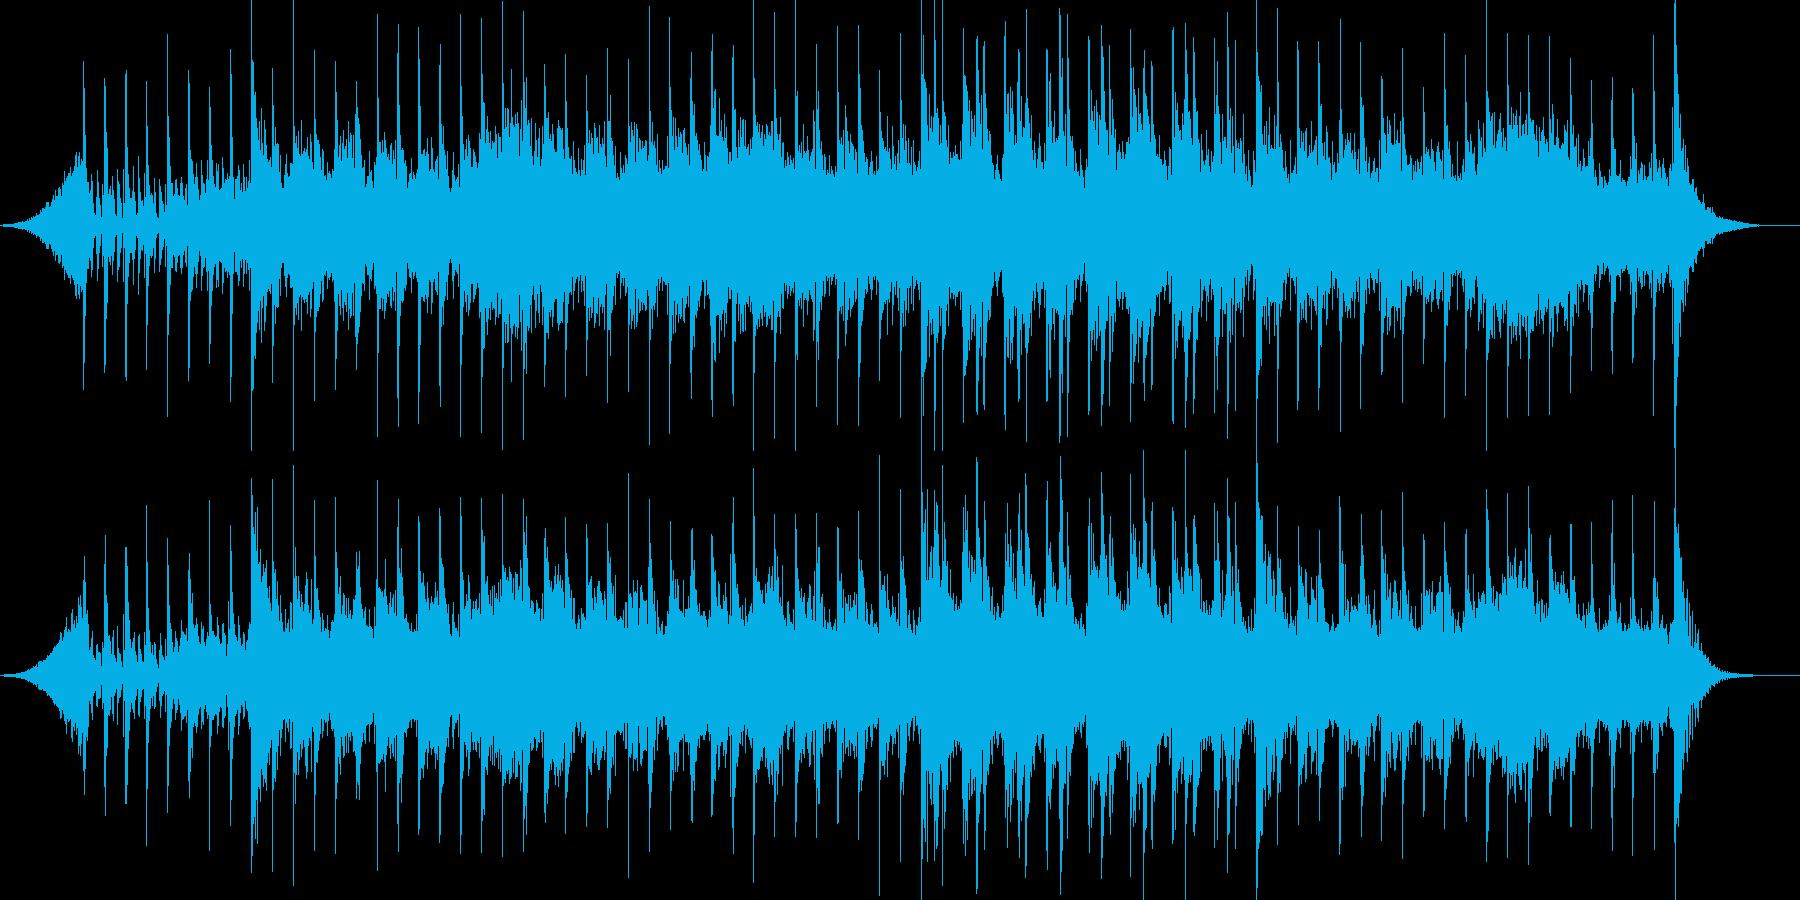 映画音楽、荘厳重厚、映像向け-01の再生済みの波形